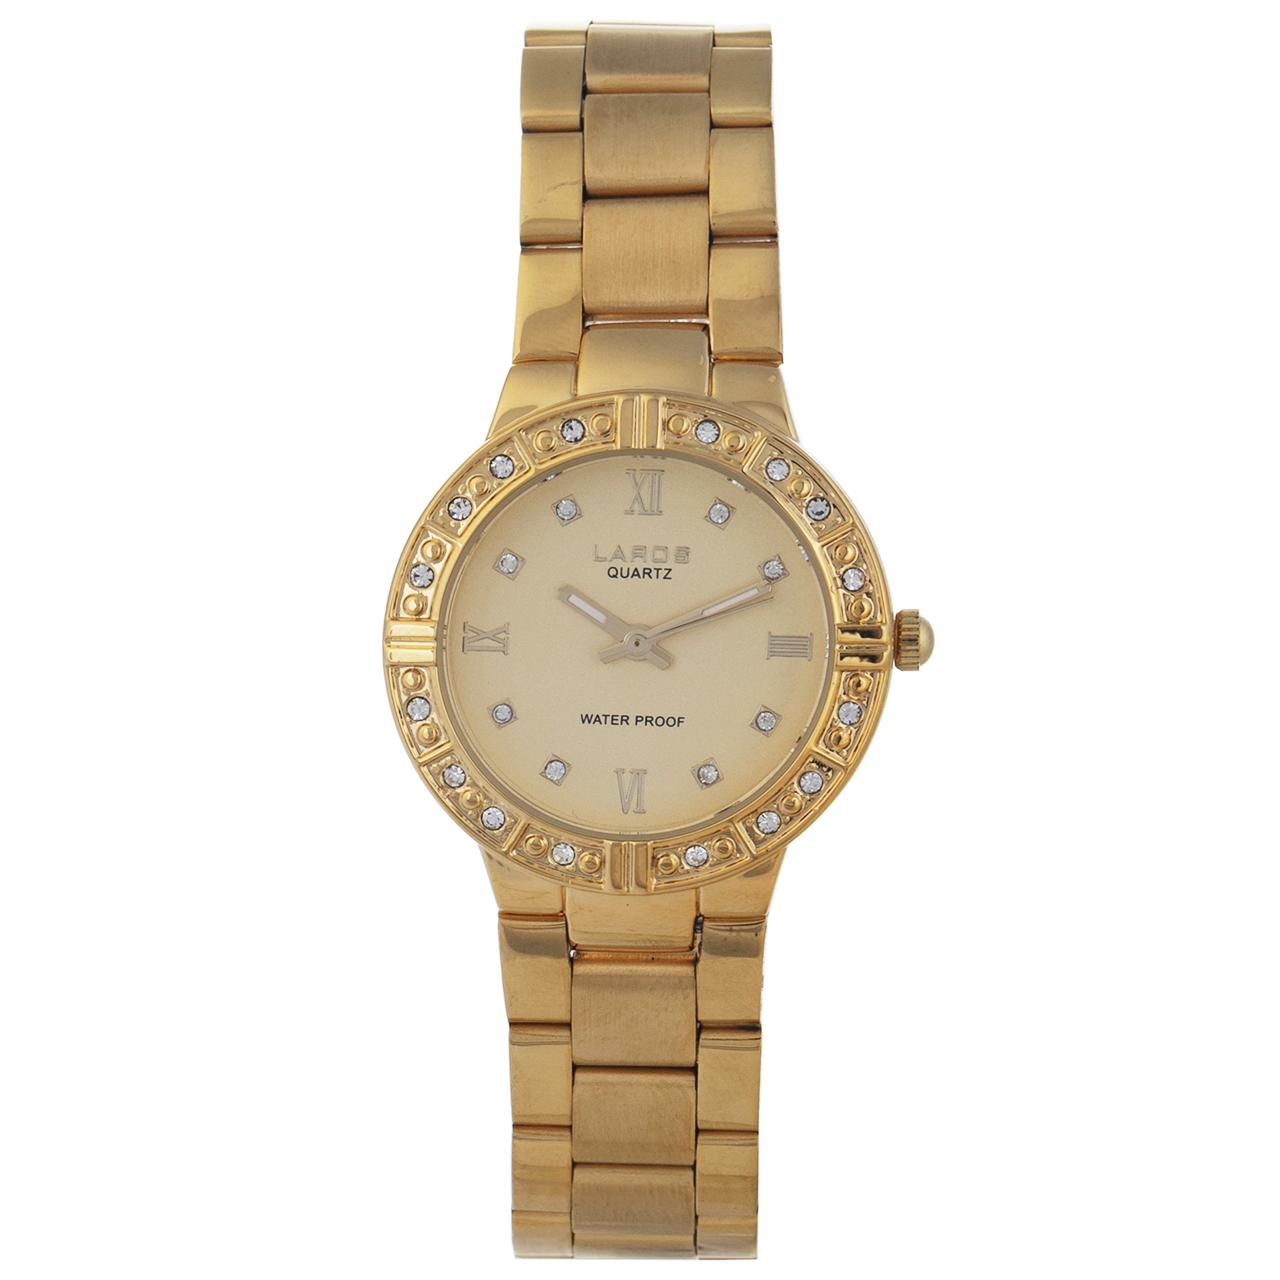 خرید ساعت مچی عقربه ای زنانه لاروس مدل 041779810